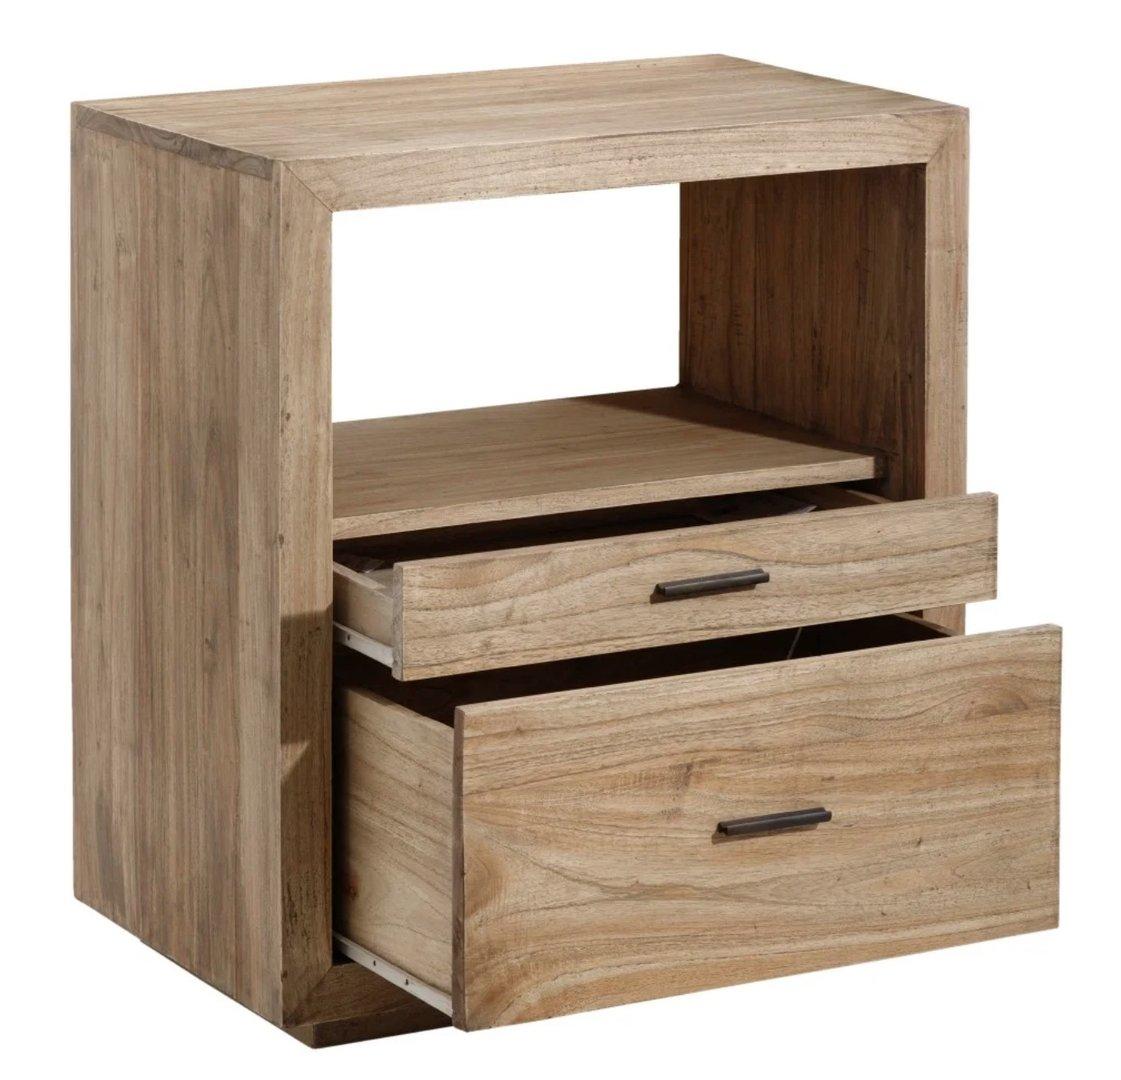 Mobile bagno etnico rustico legno mobili bagno legno online - Mobile bagno etnico ...